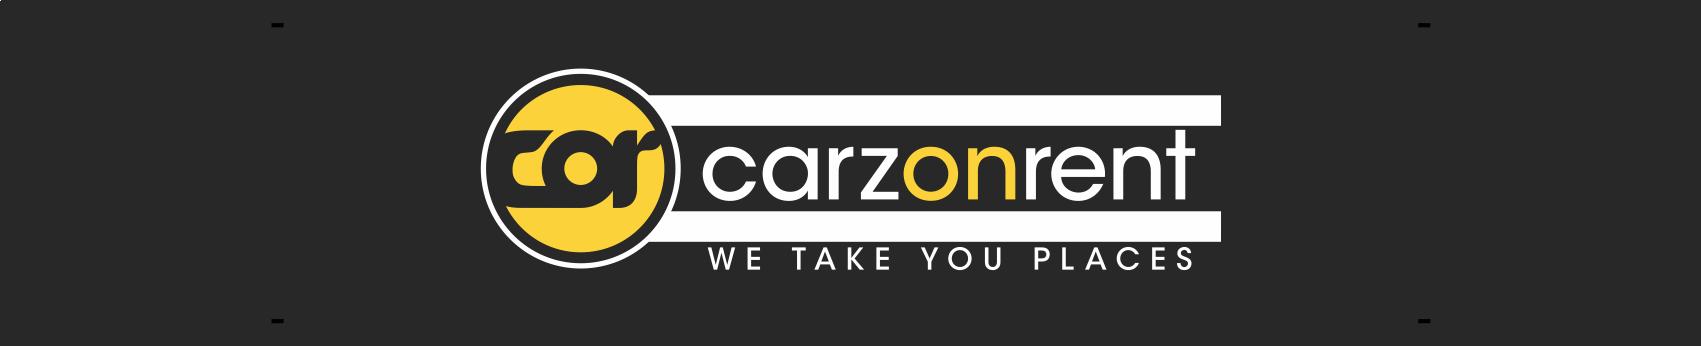 carzonrent